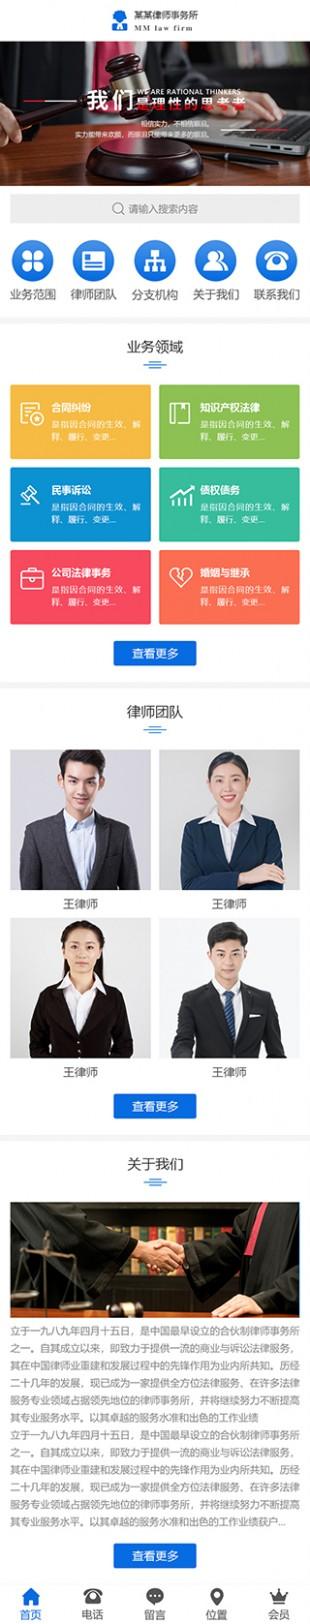 律师事务所网站建设模板手机图片